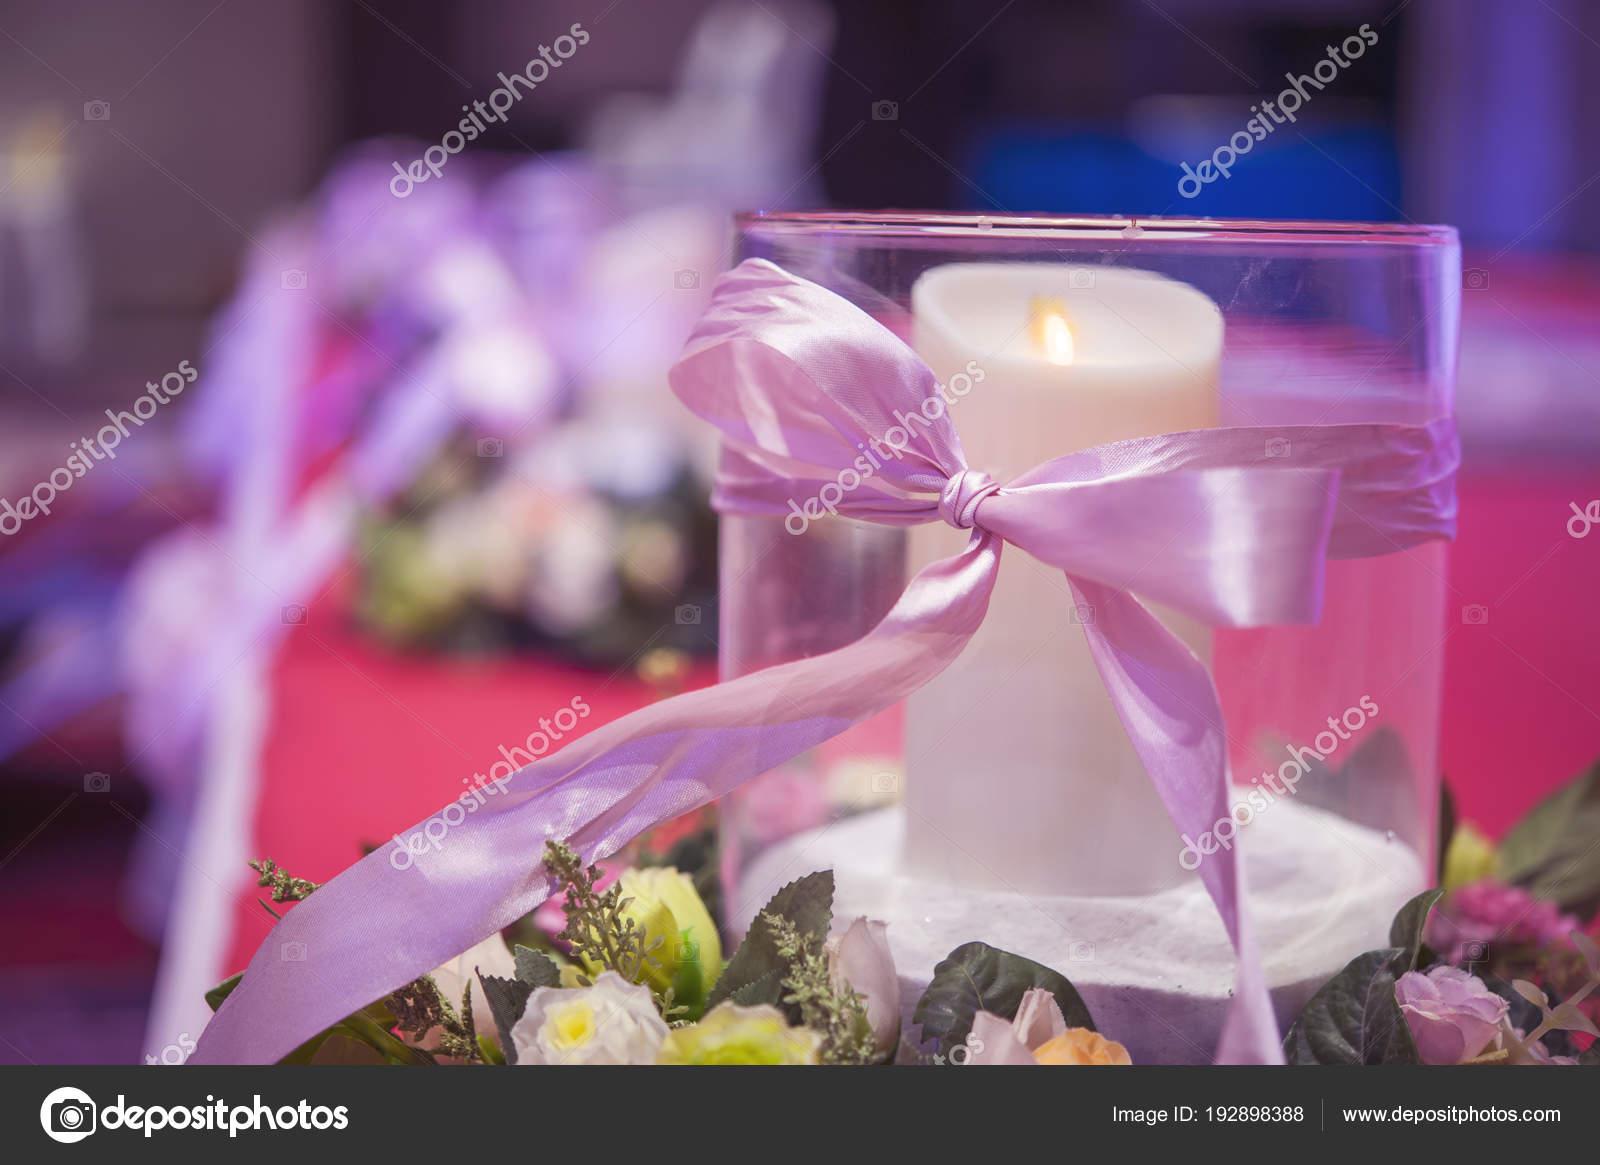 Hochzeit Party Dekoration Gesetzt Ein Glas Mit Weissen Kerze Und